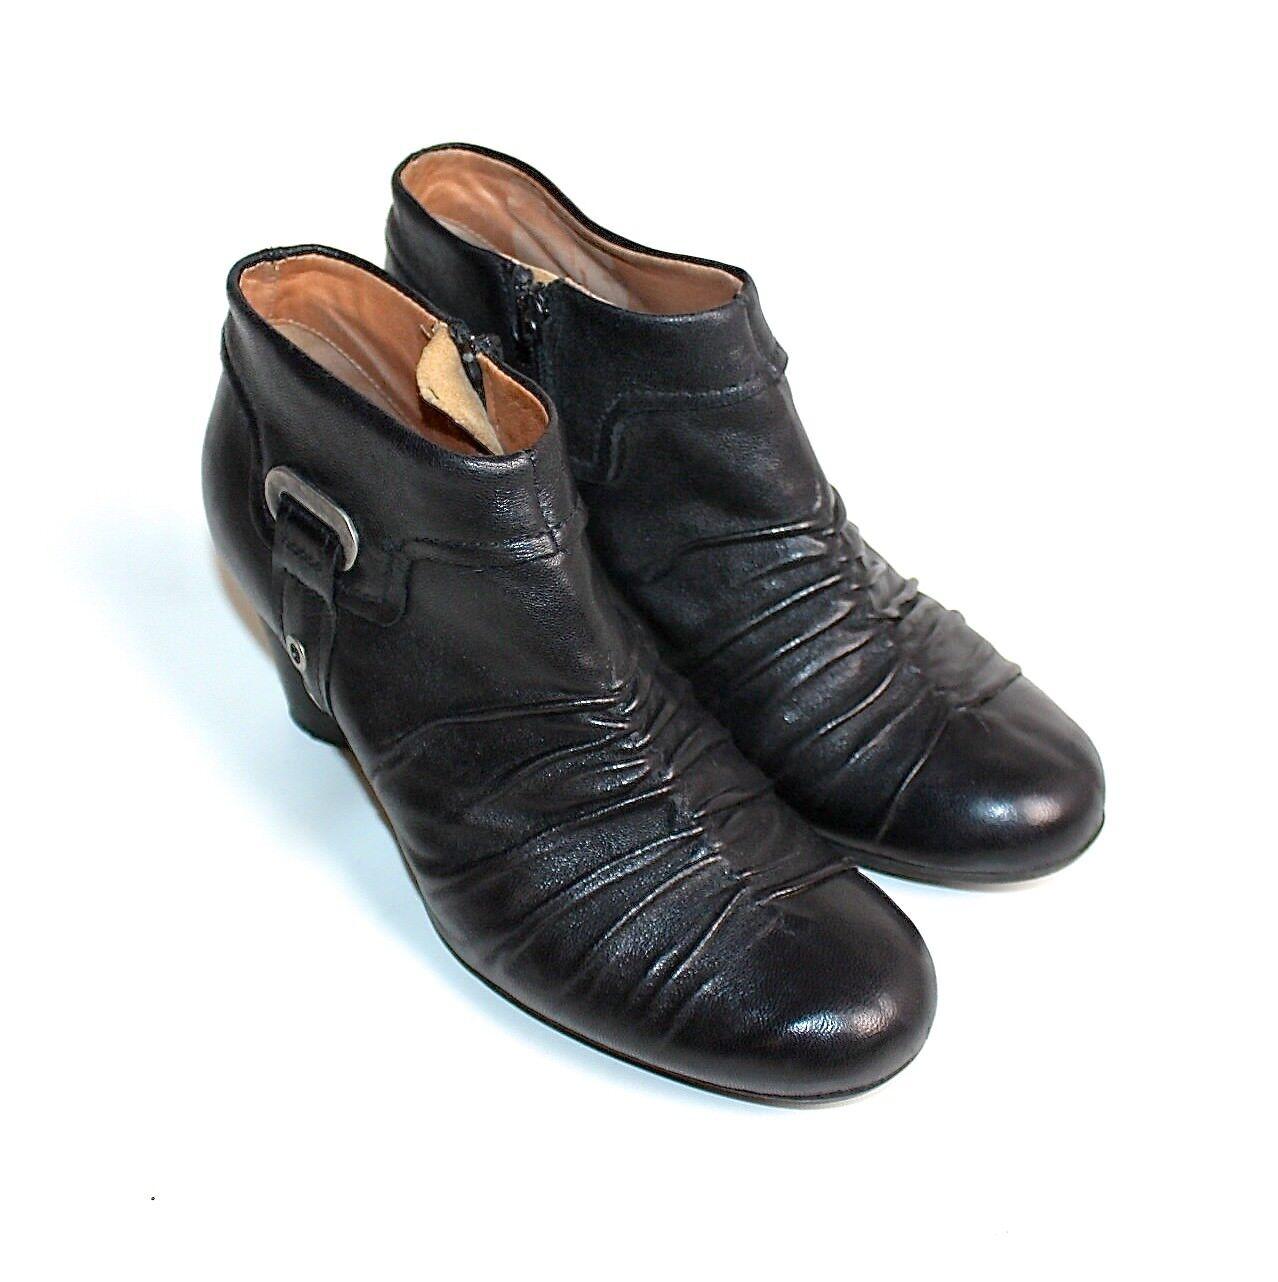 Airstep botines 37 negro genuino cuero genuino negro e05585